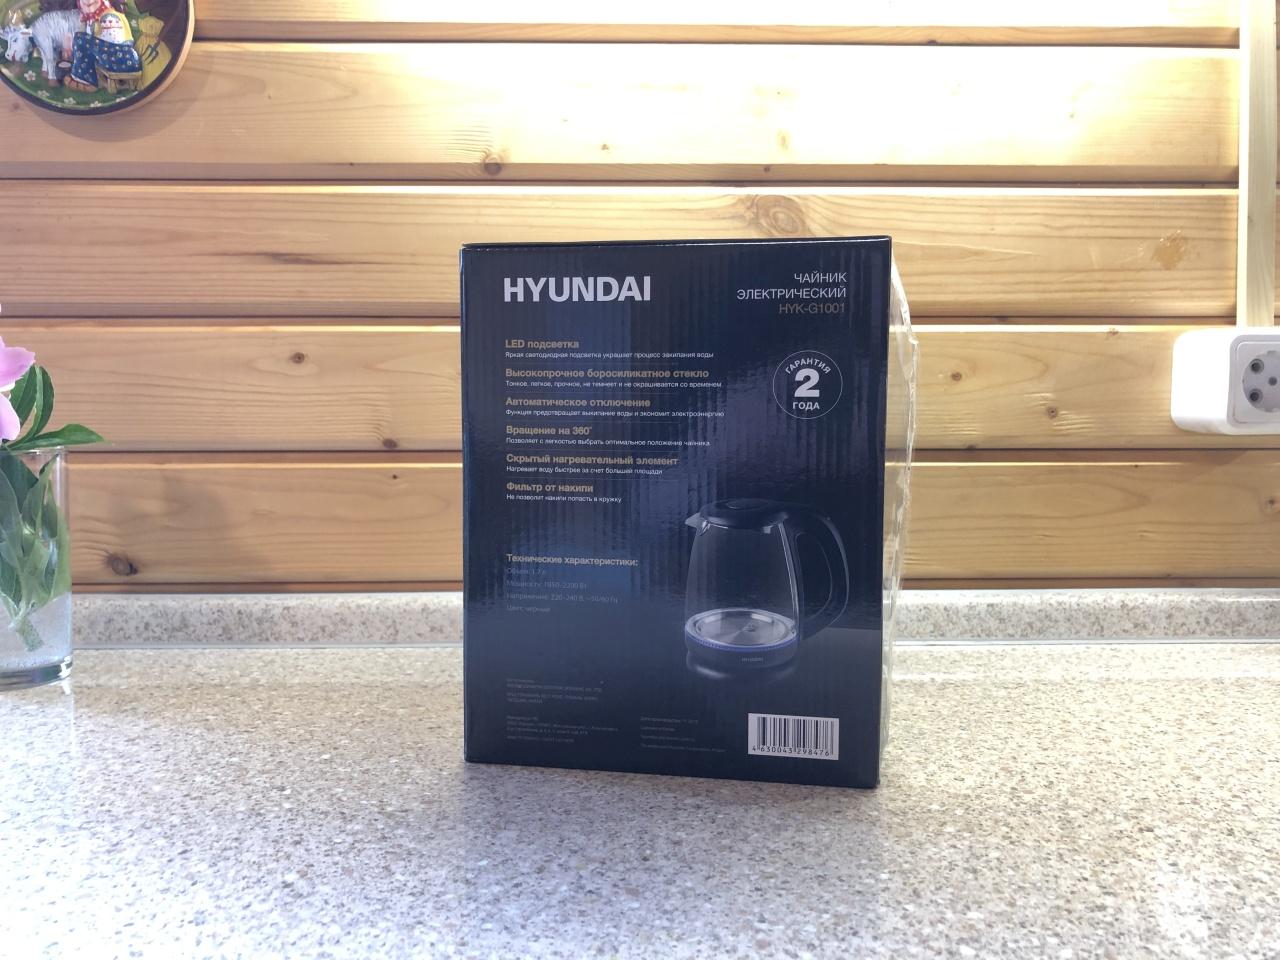 Обзор электрических чайников Hyundai HYK-G1003 и HYK-G1001